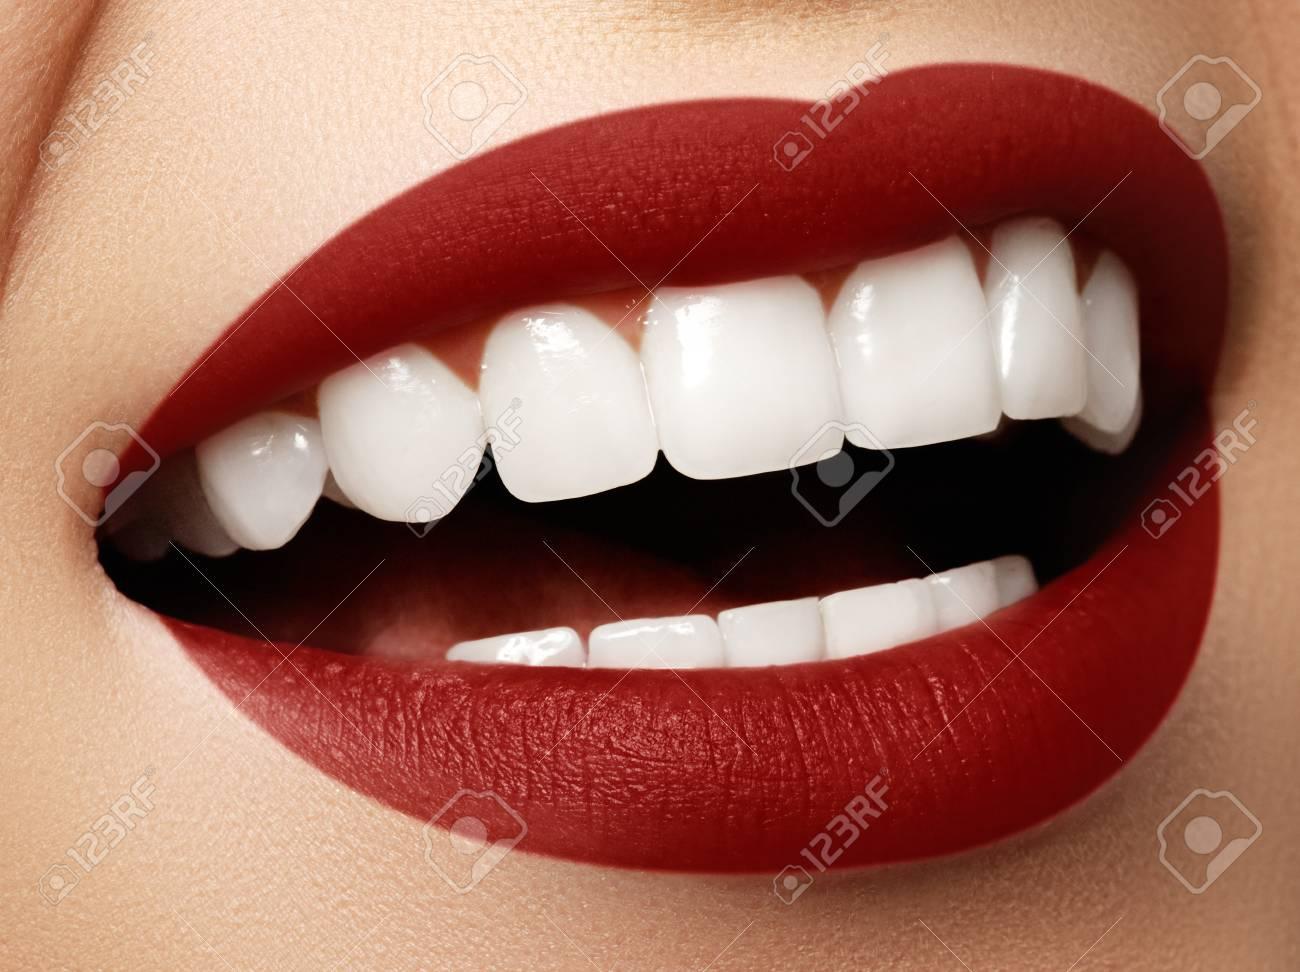 Les Soins Dentaires Et De Blanchiment Des Dents. Stomatologie Et De Soins  De Beauté. Femme Souriante Avec De Grandes Dents. Sourire Femme Gaie Avec  La Peau ... 637b6d79d183